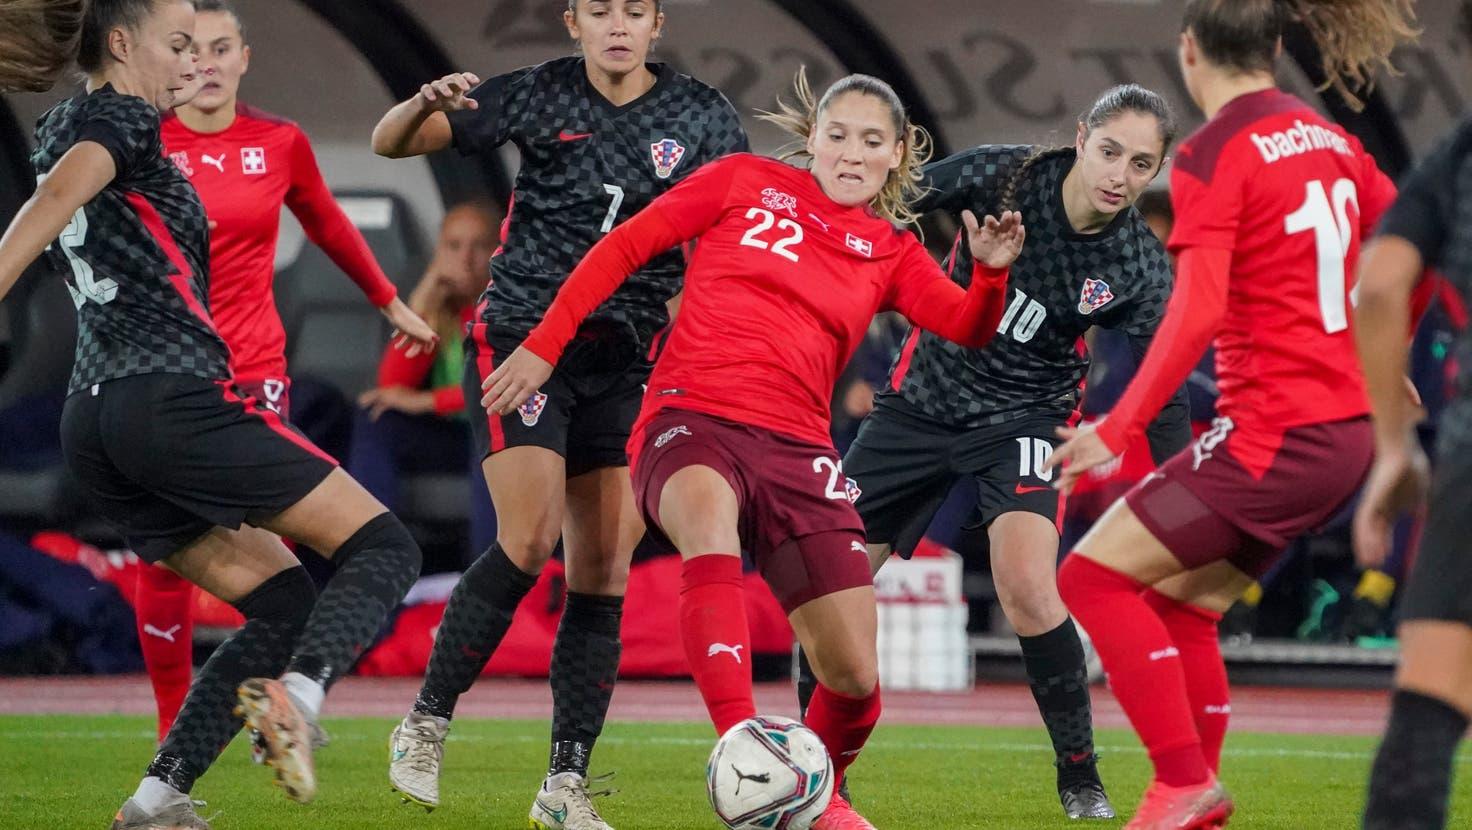 Die Nati gewinnt gegen Kroatien mit 5:0 und verteidigt den ersten Rang in der Qualifikationsgruppe für die WM